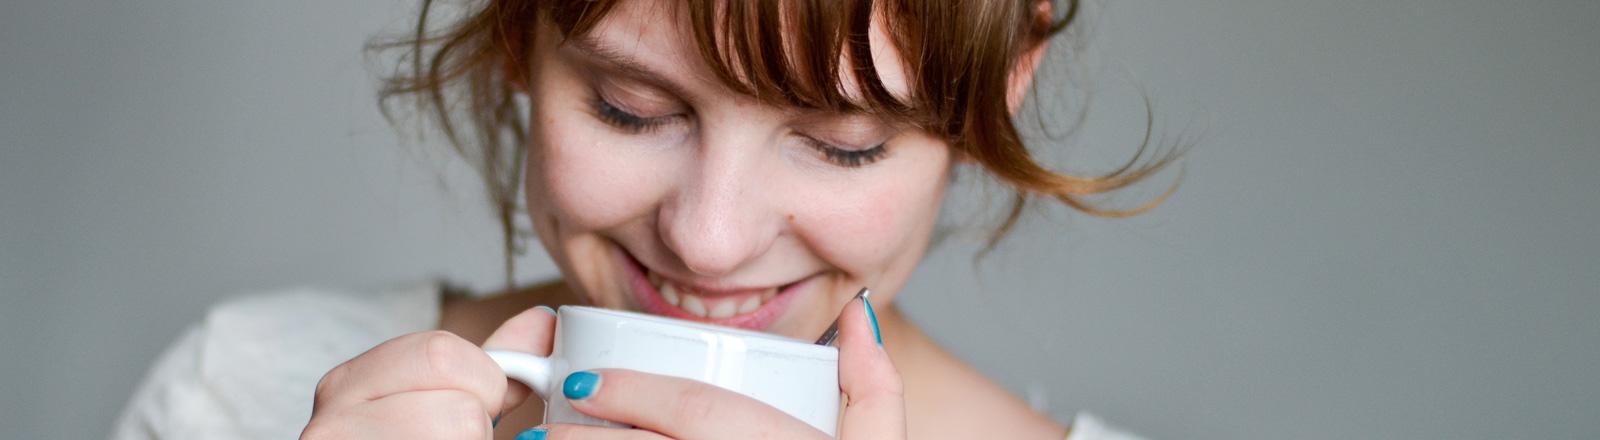 Eine Frau hält eine Kaffeetasse in den Händen. Sie hat die Augen geschlossen und lächelt.